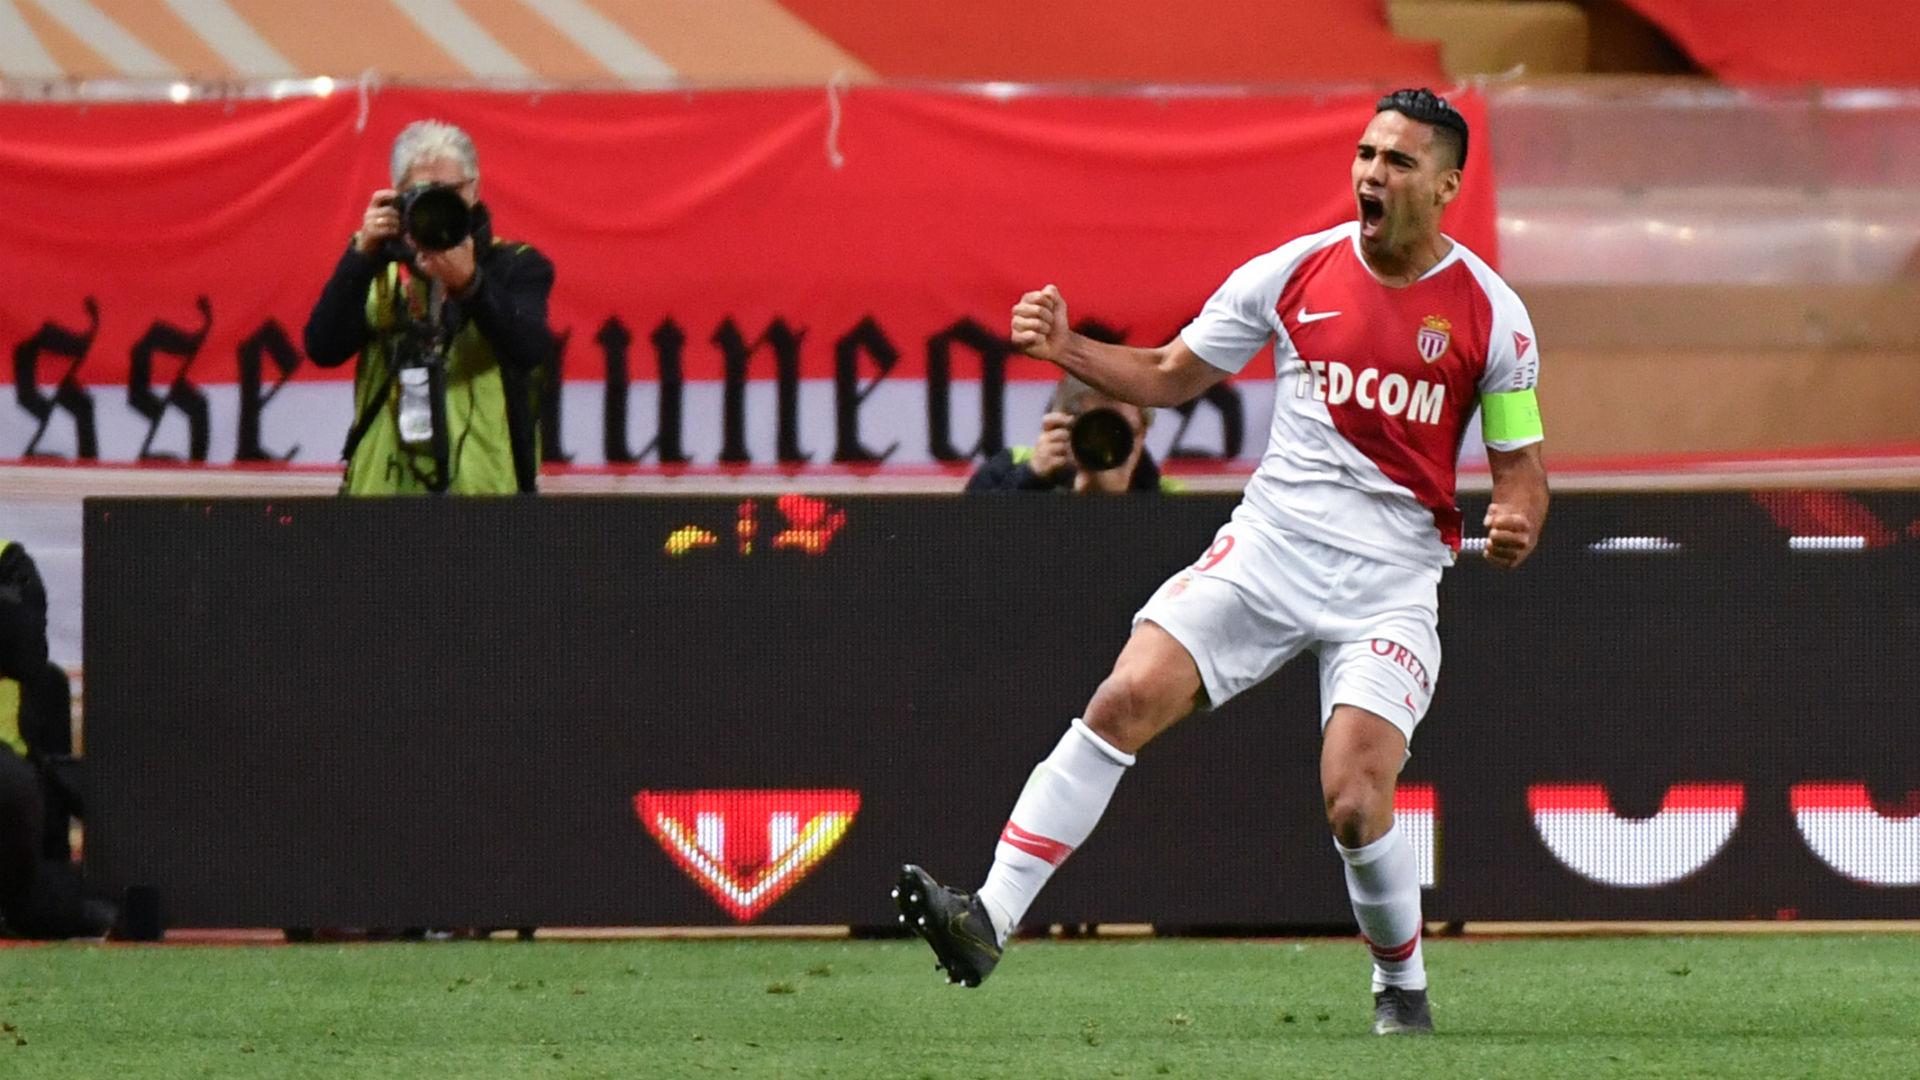 VIDÉO - Ligue 1 : Cinq choses à savoir sur la course au maintien